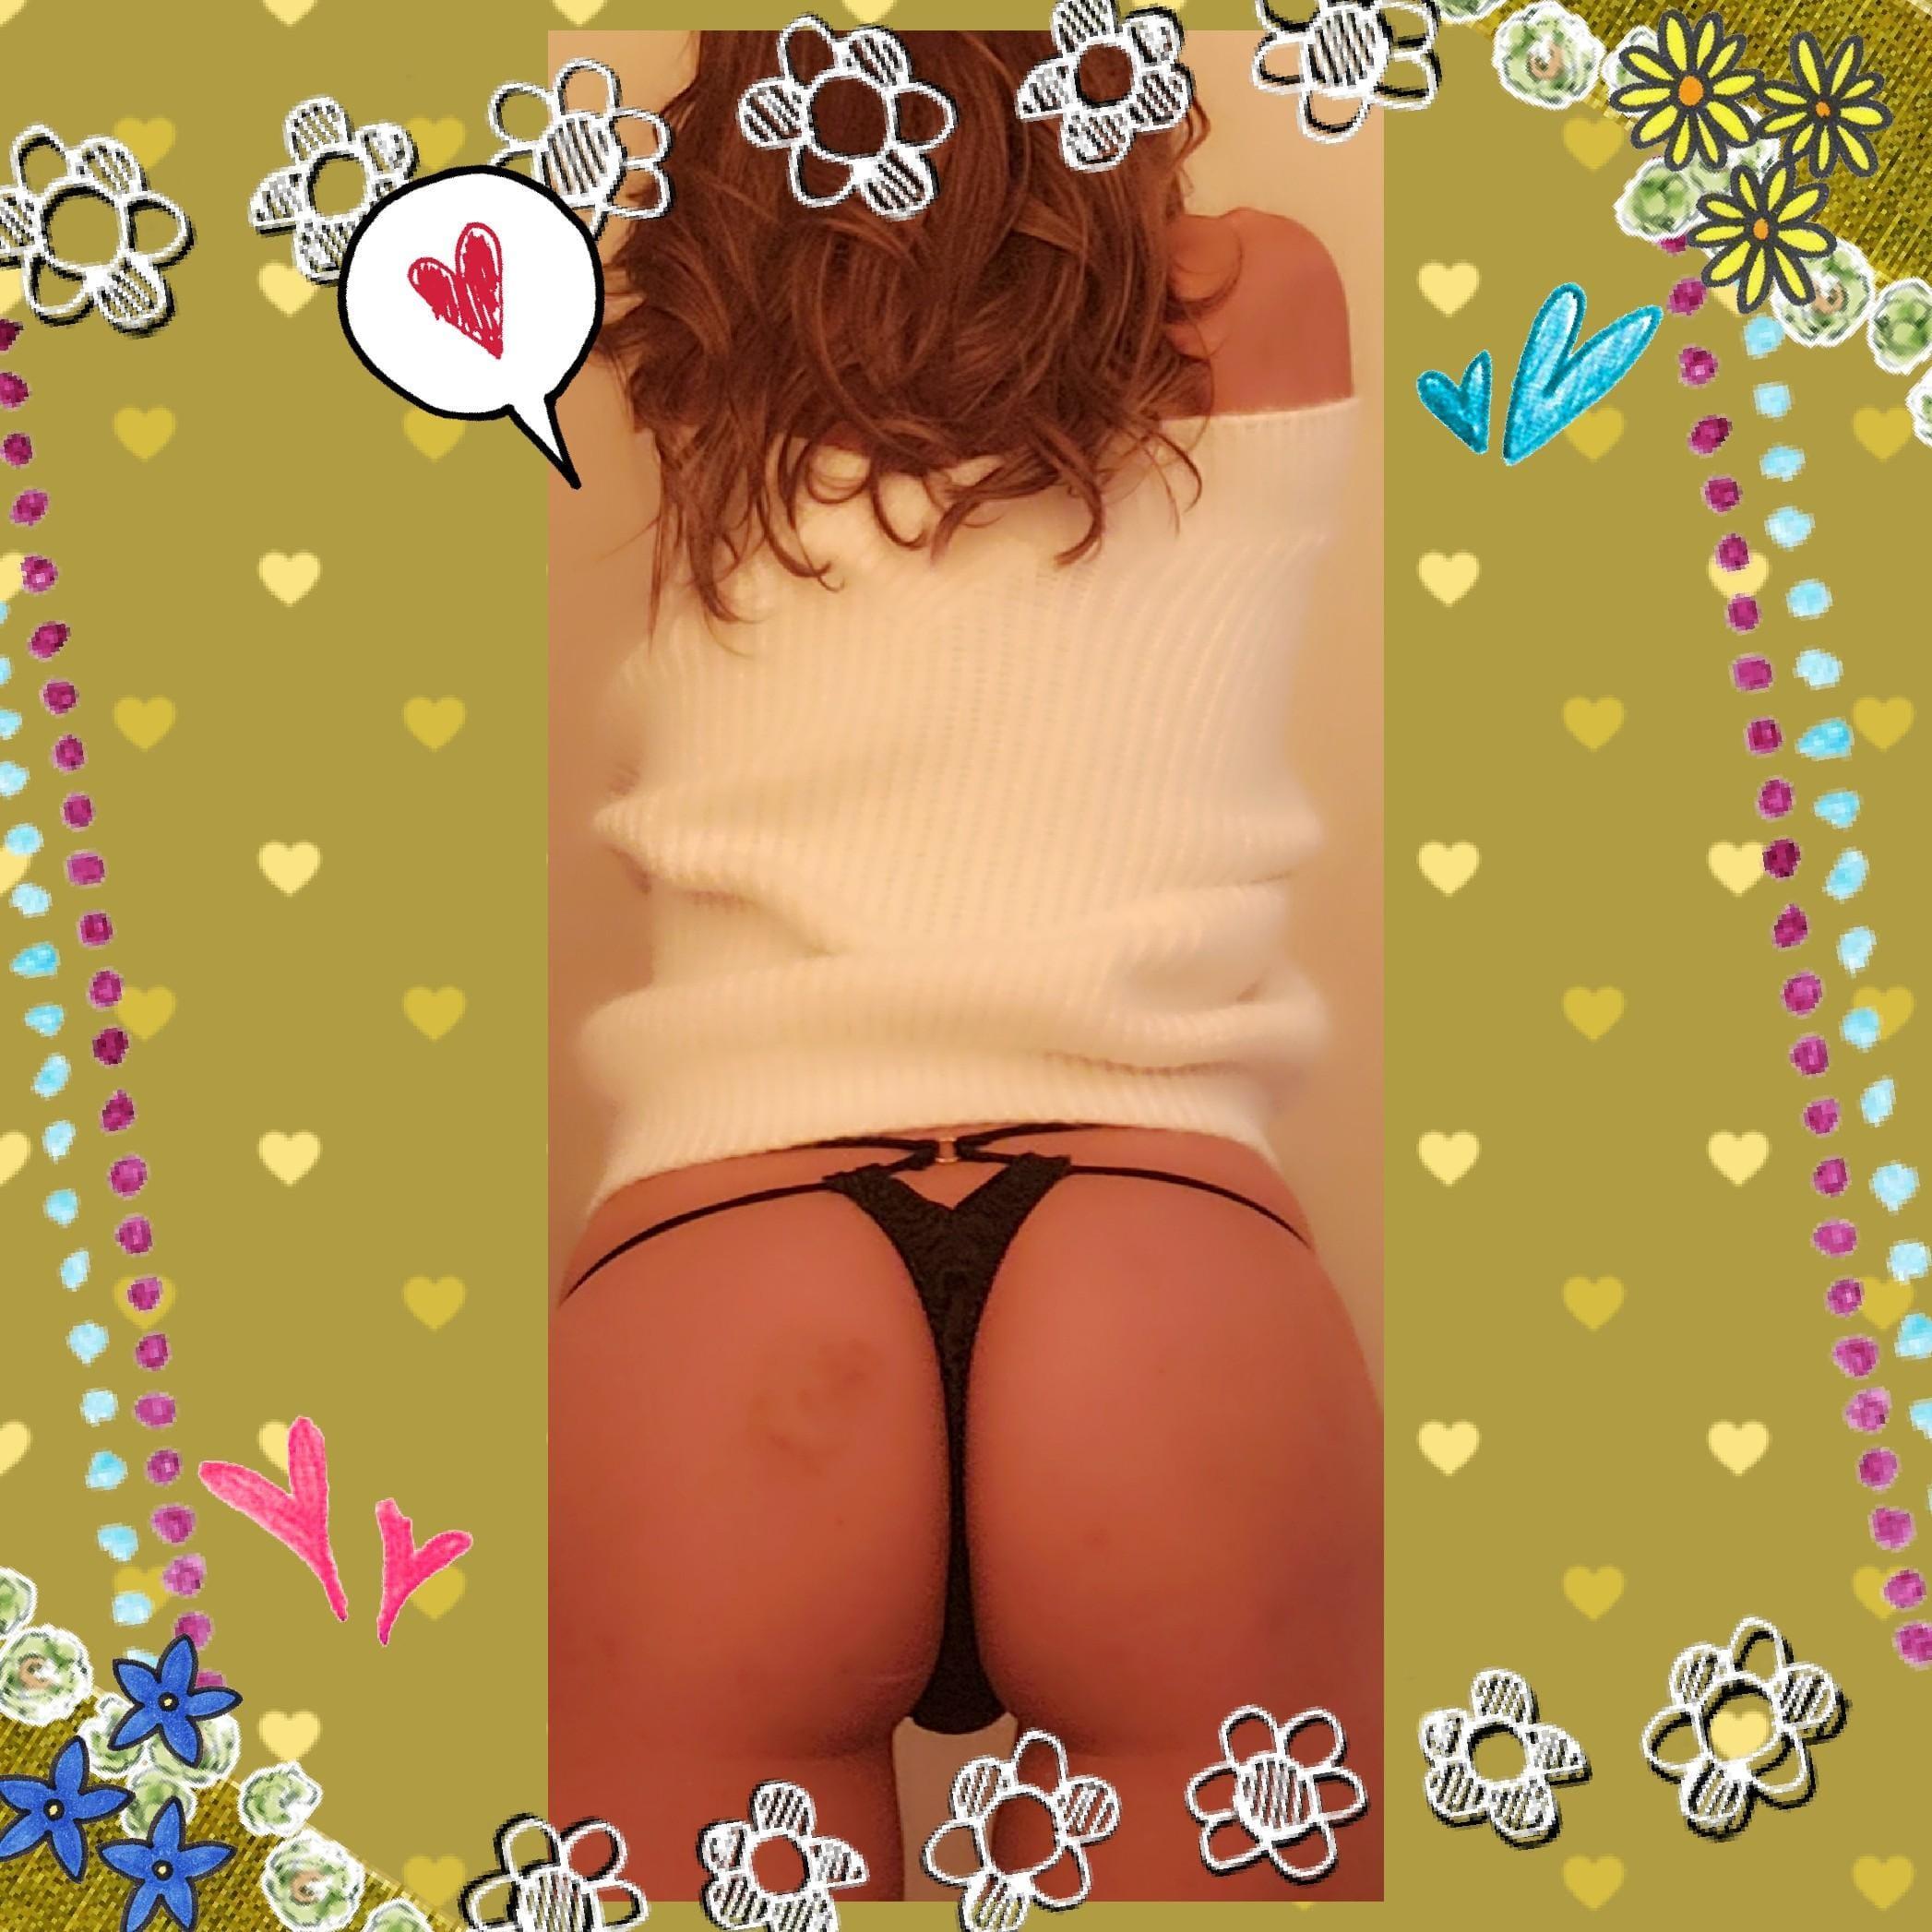 「朝から…♡」12/16日(日) 05:48 | じゅりの写メ・風俗動画